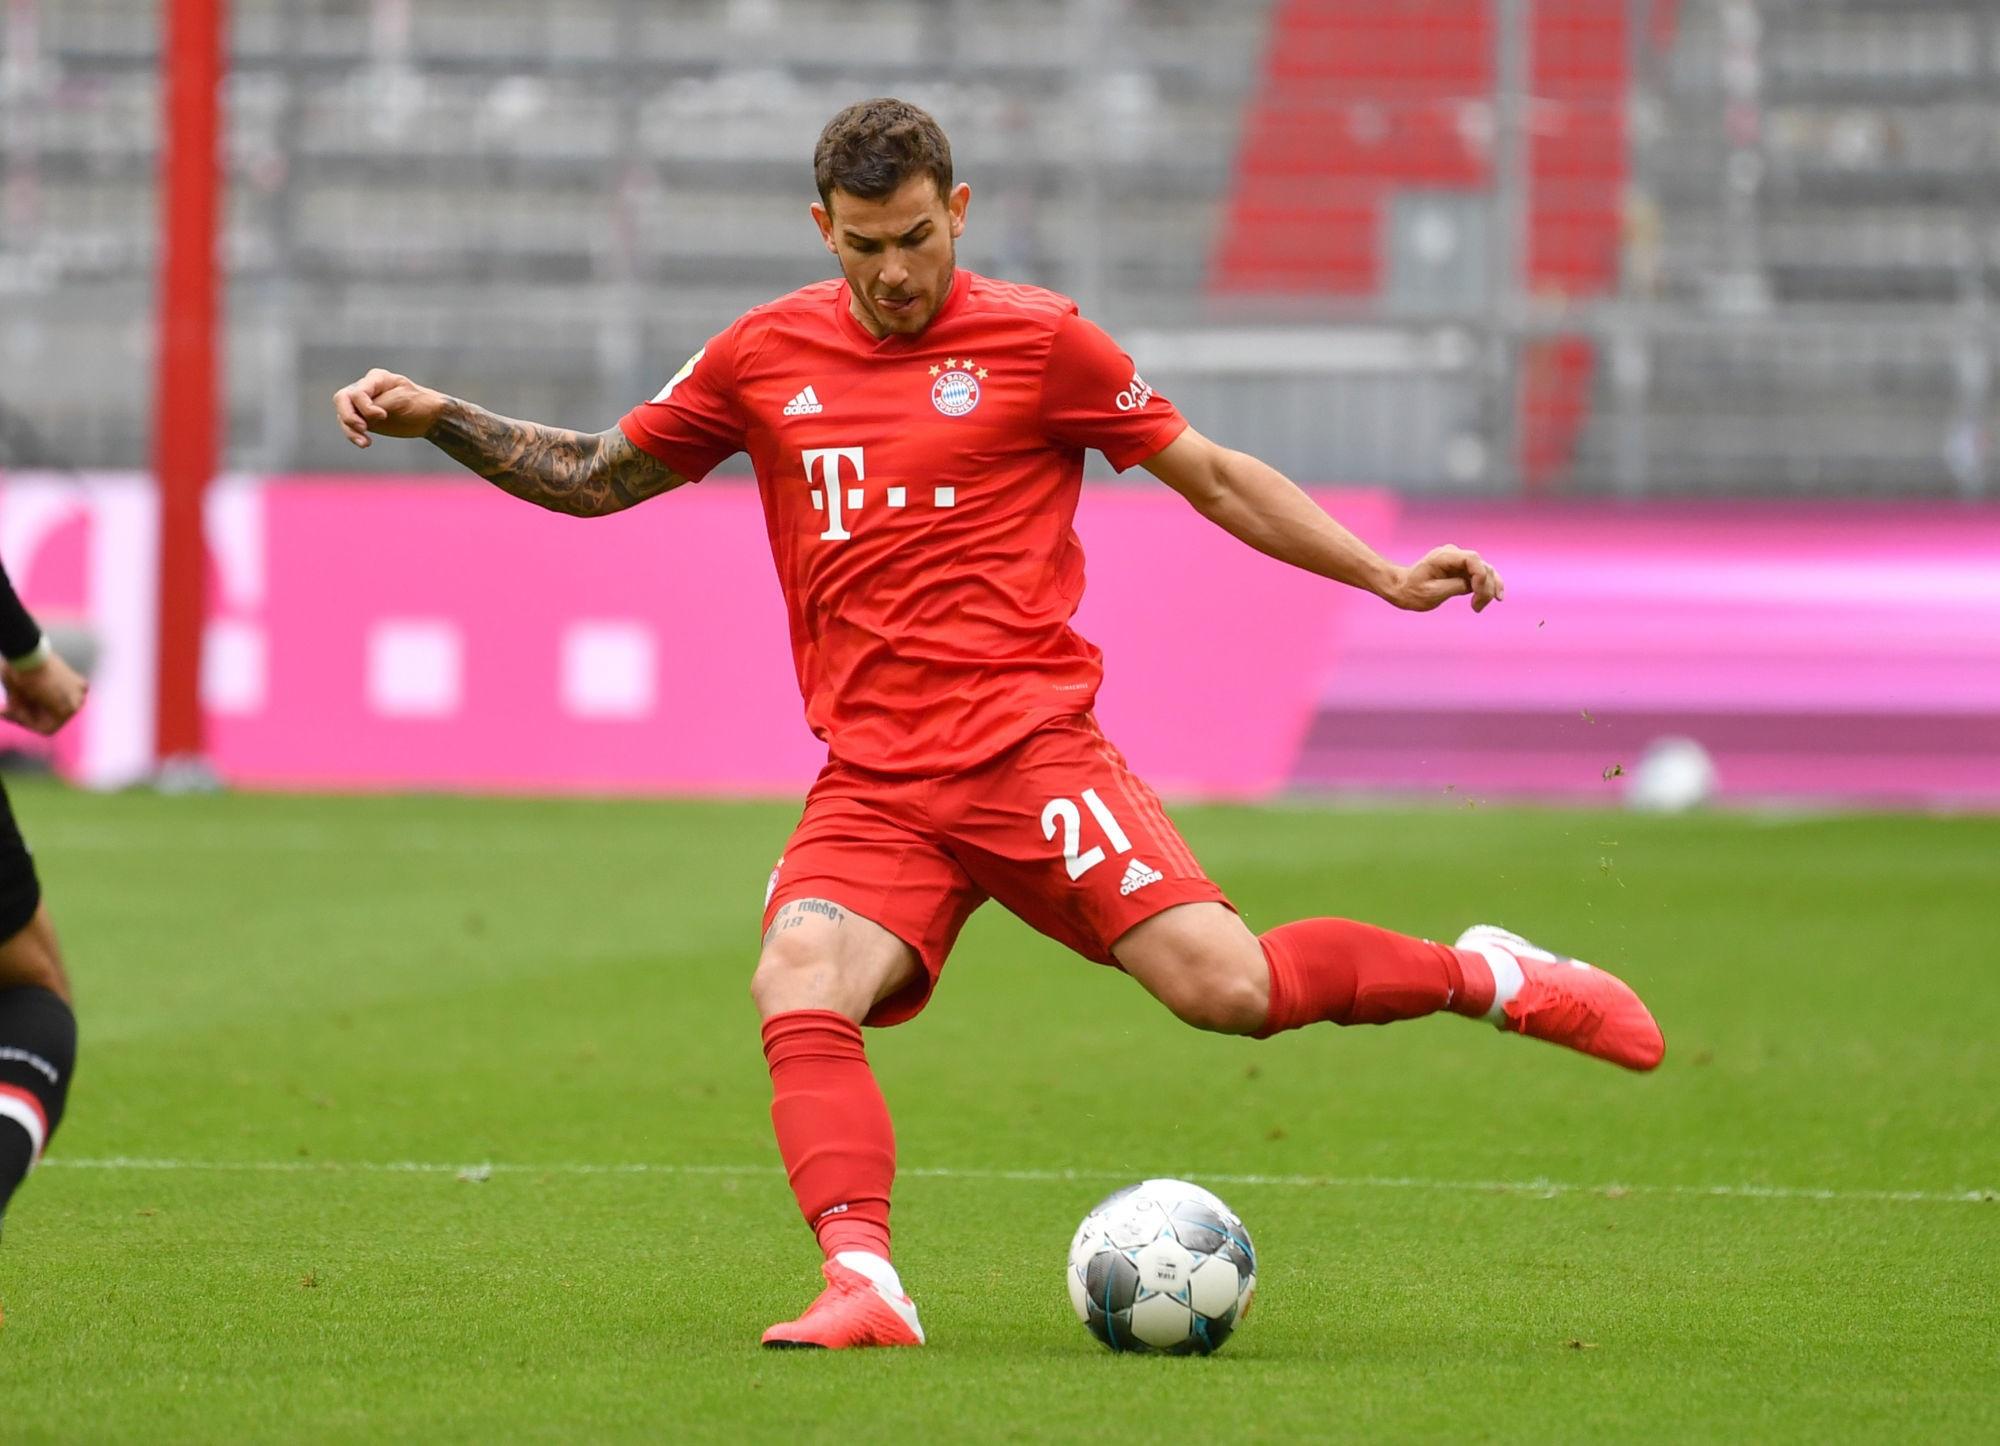 Mercato - Le Bayern Munich ne compte se séparer de Lucas Hernandez, souligne Sport Bild